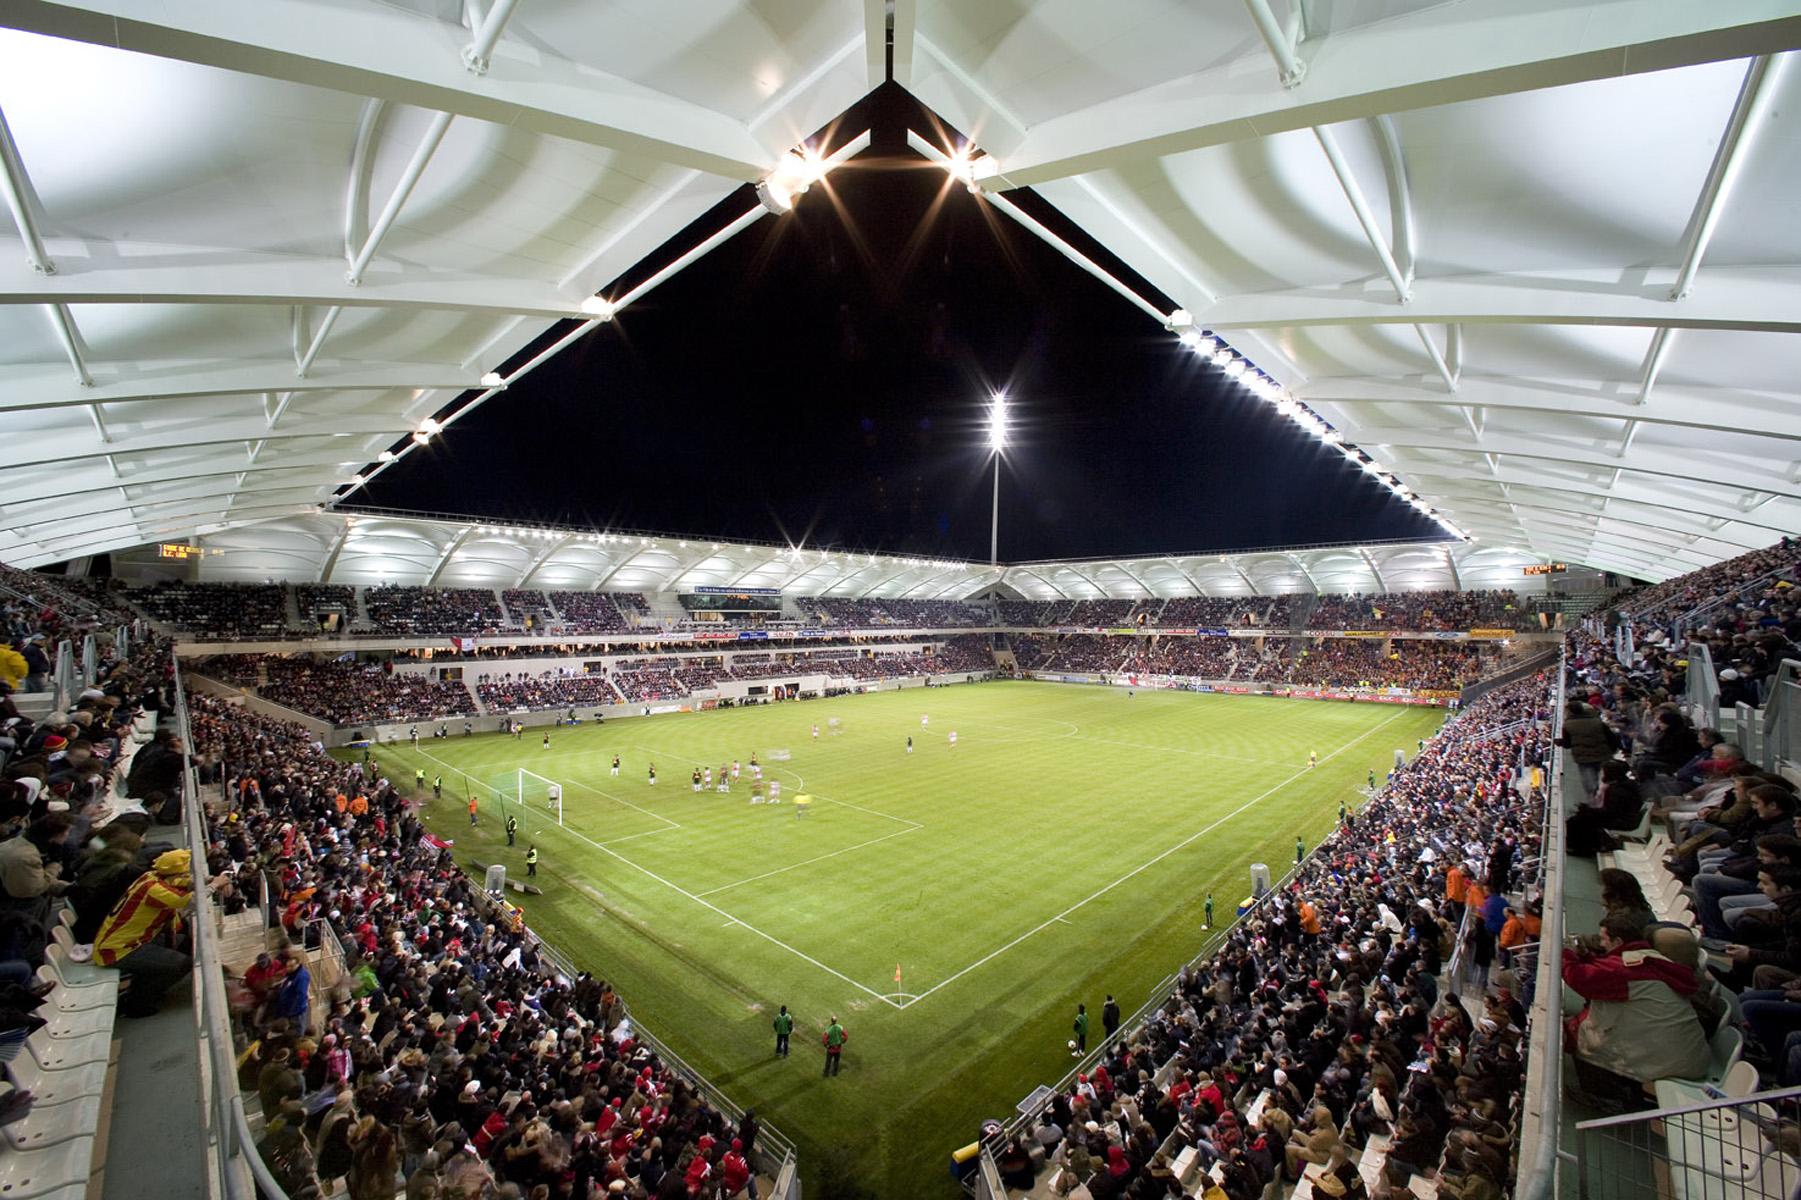 Stade Auguste Delaune (Reims)